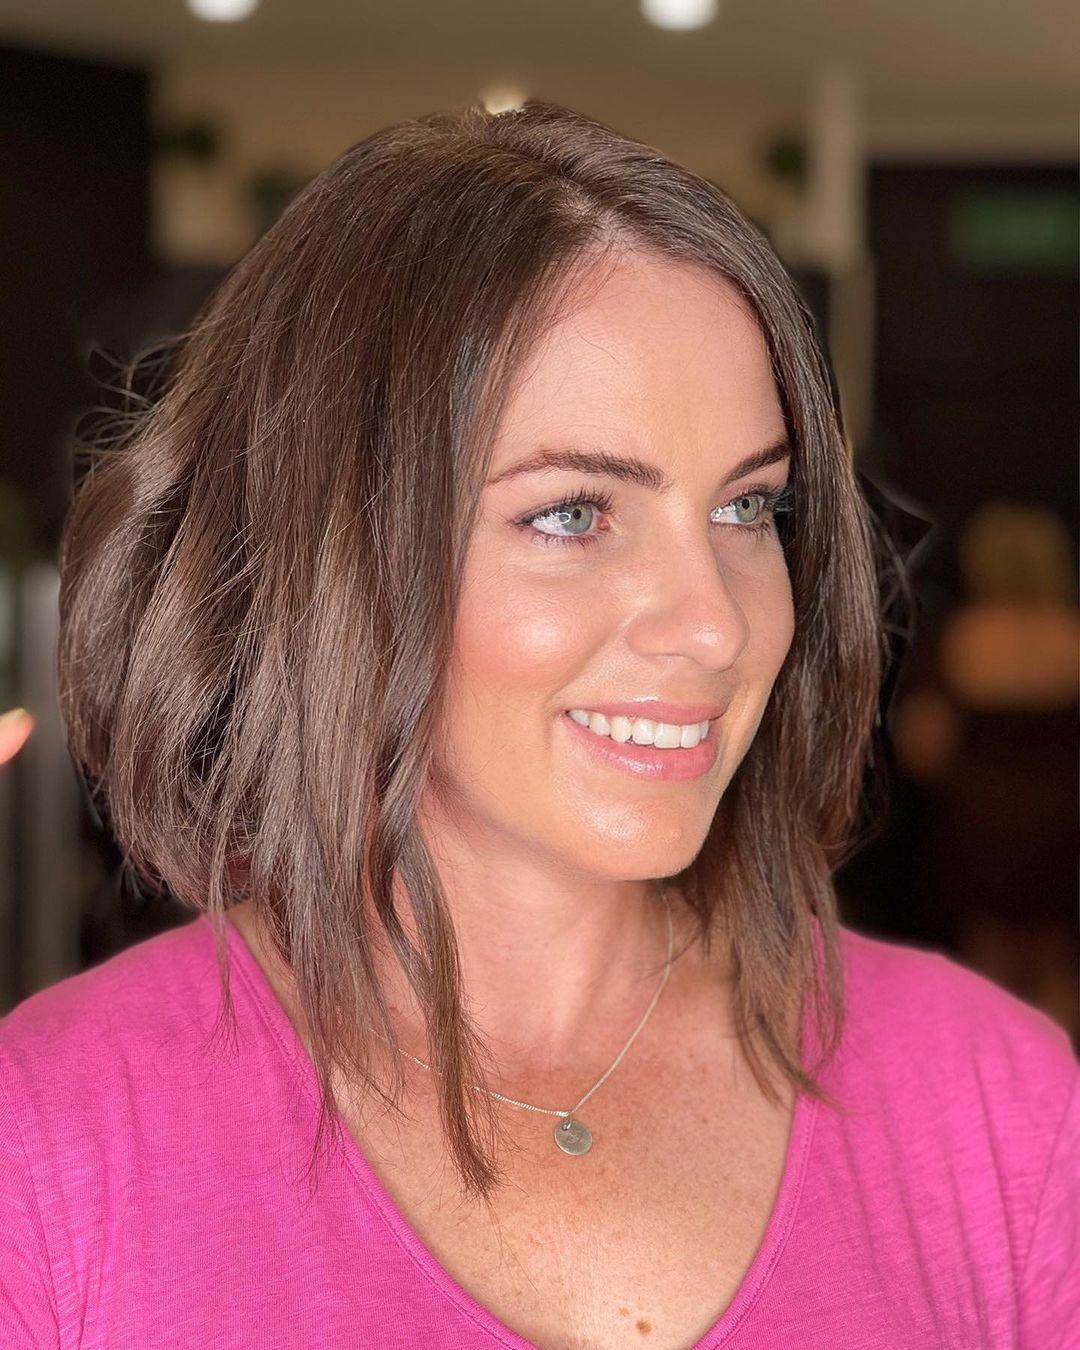 Модные стрижки на средние волосы для дам старше 40 лет